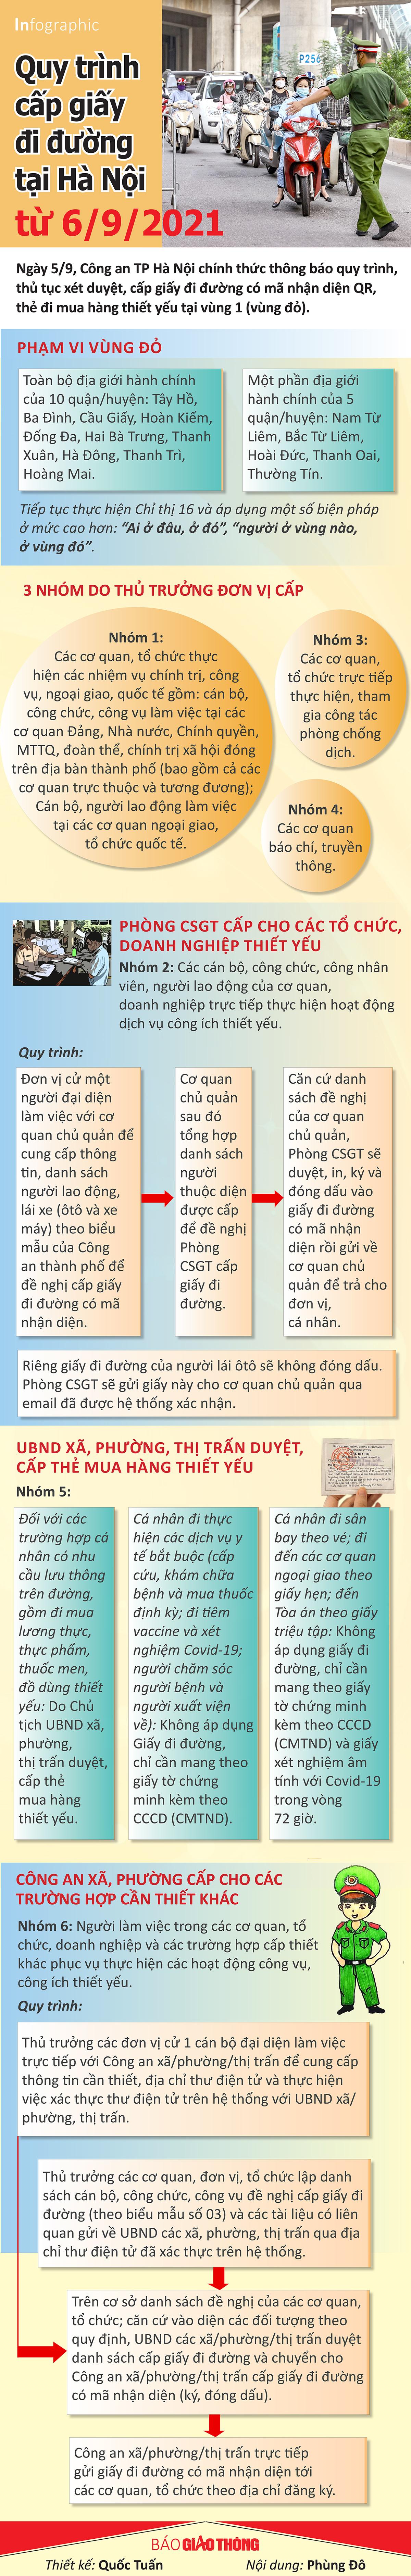 Infographic: Quy trình cấp giấy đi đường tại Hà Nội từ ngày 6/9 - 1